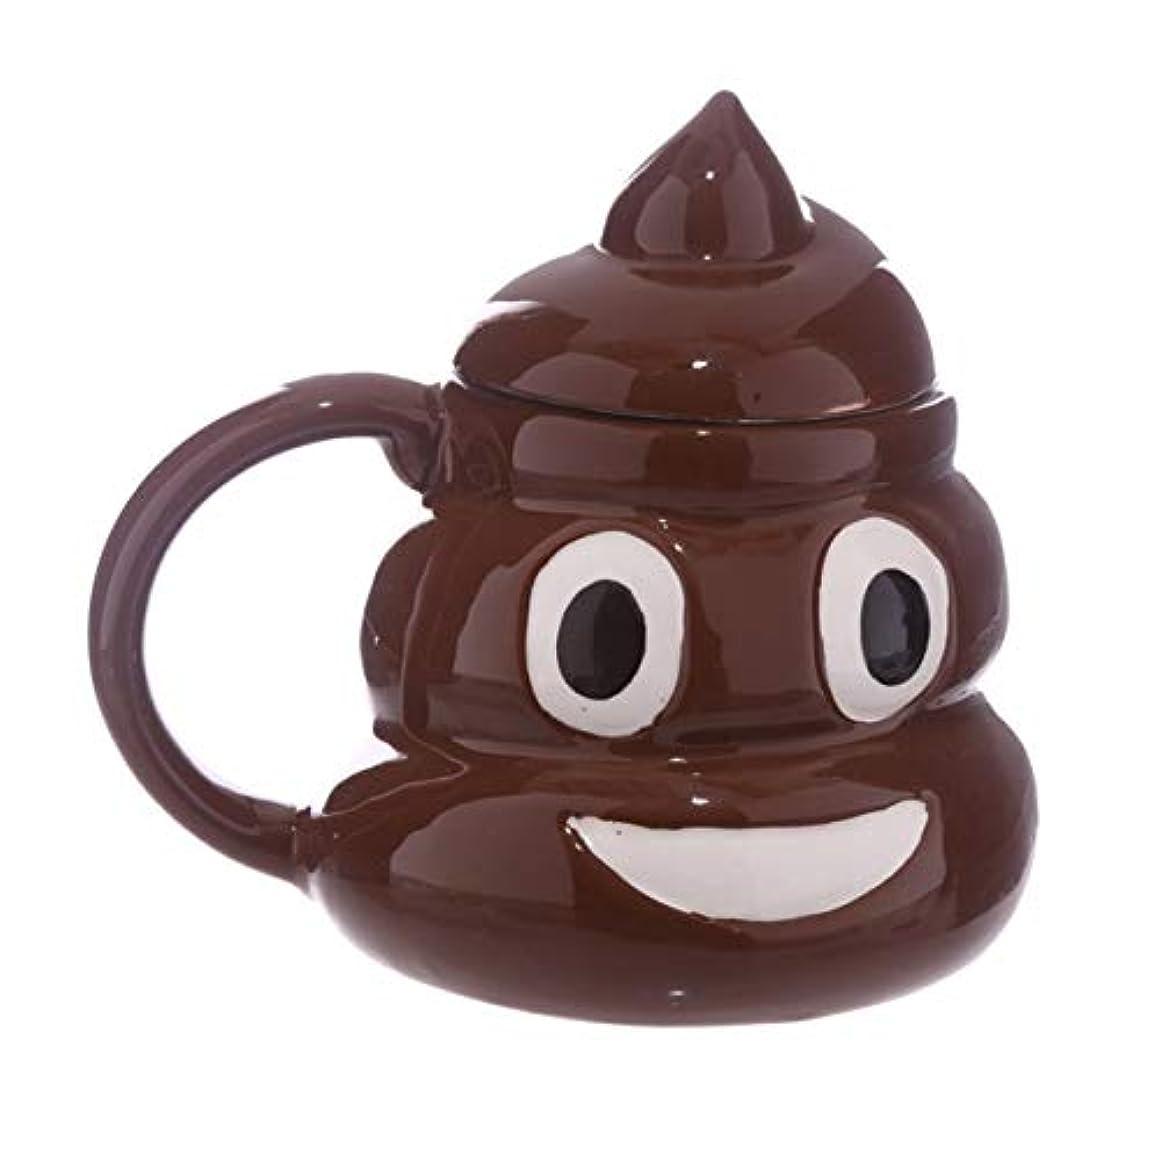 約人気のプラットフォームSaikogoods 3Dおかしい絵文字マグ特殊セラミックコーヒーカップかわいいティーカップ磁器カップノベルティミルクマグフレンズファミリーギフト 褐色